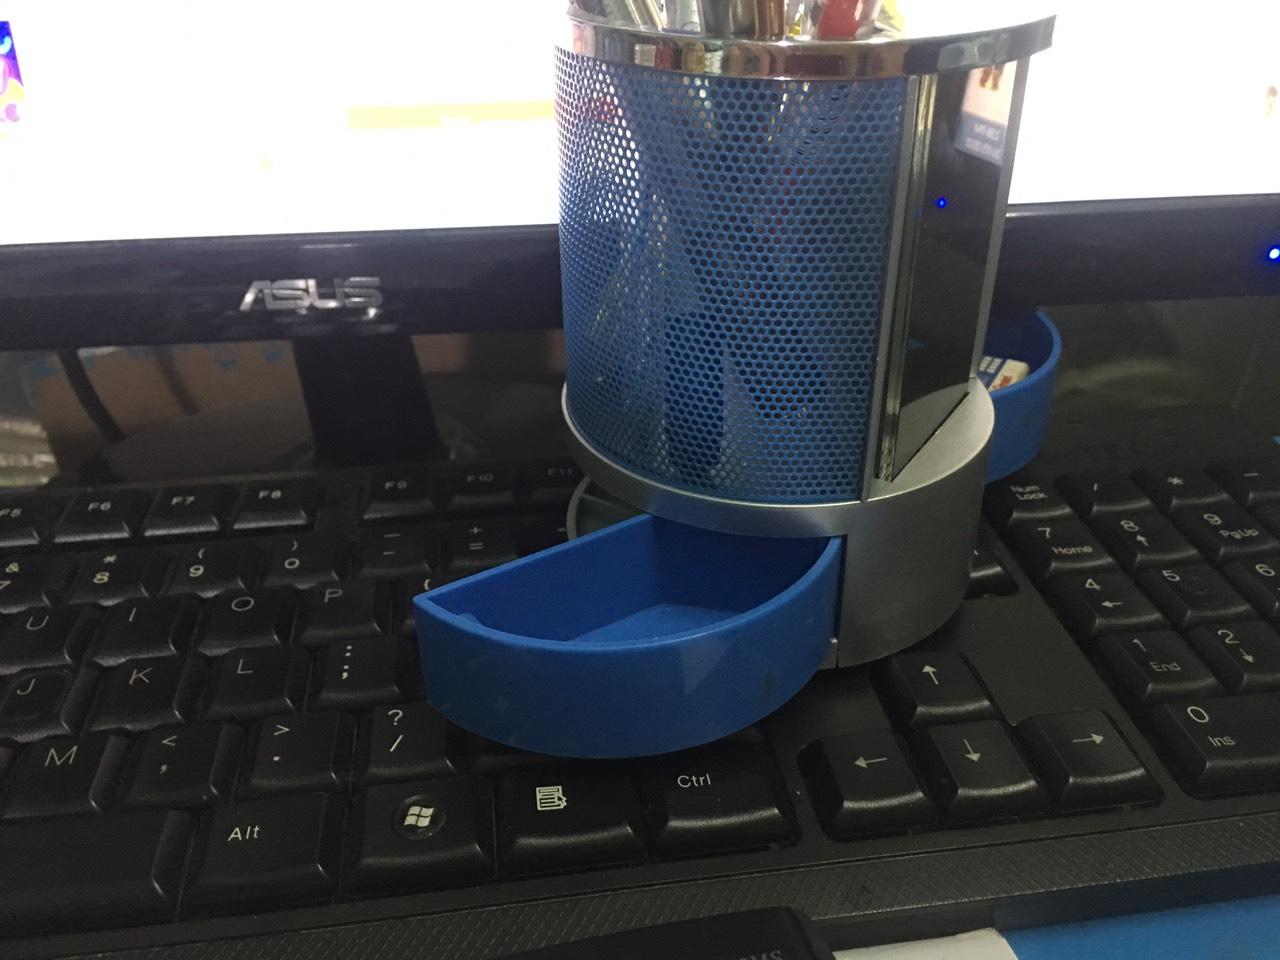 Hộp đựng bút có đồng hồ hiển thị LED - Màu ngẫu nhiên